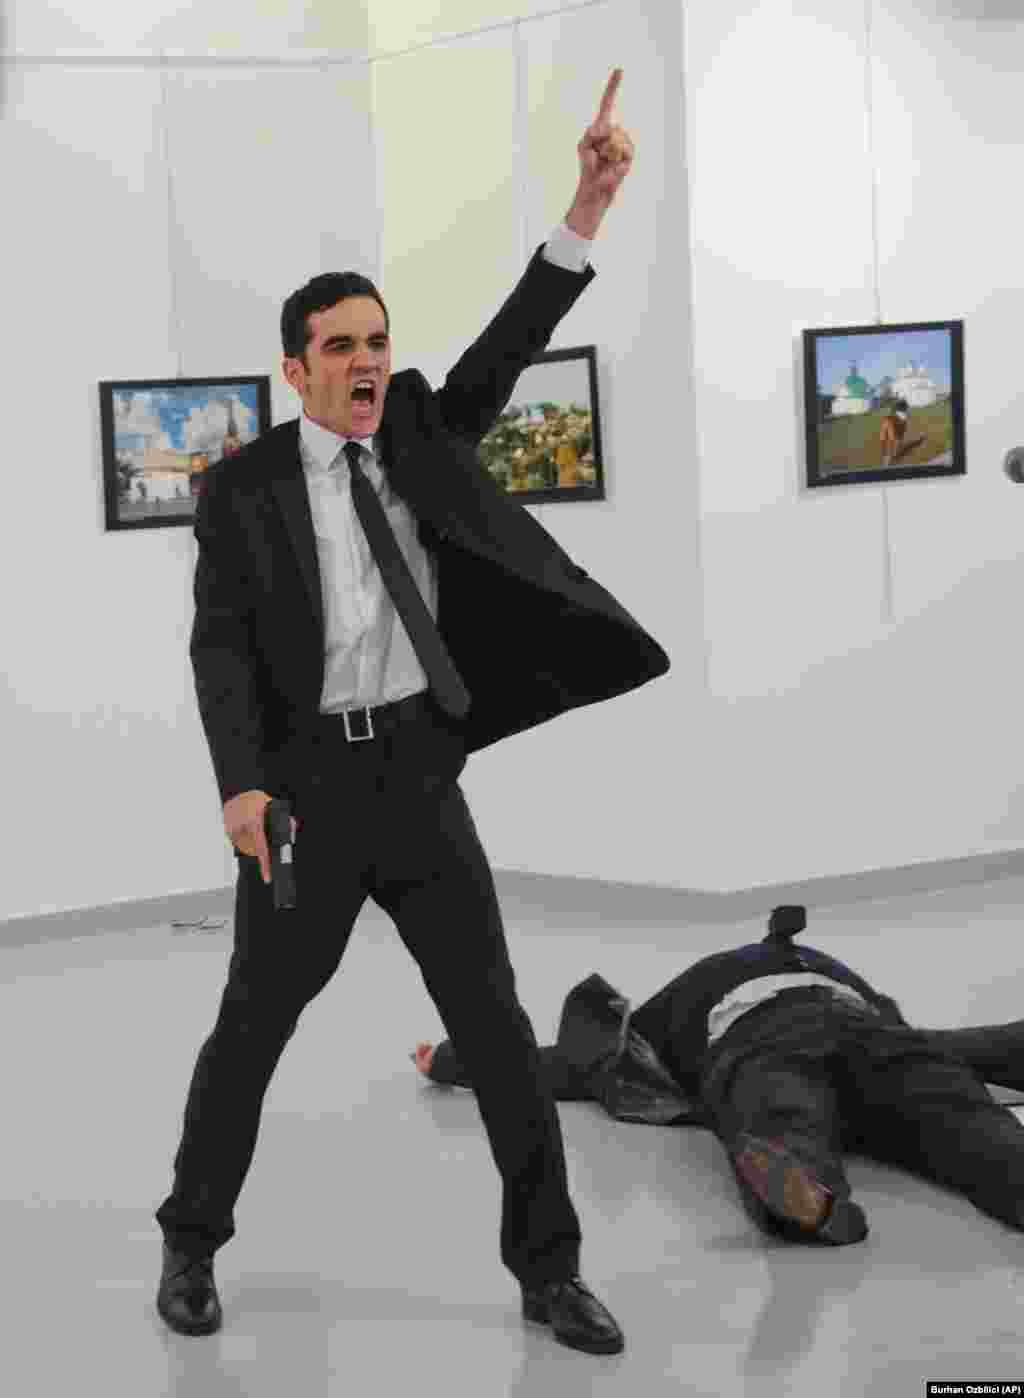 """Главной в 2016 году стала безусловно фотография Мевлюта Алтынташа, который на открытии выставки в Анкаре застрелил российского посла в Турции – Андрея Карлова.""""Мне потребовалось несколько секунд, чтобы понять, что произошло: человек умер прямо передо мной, перед моими глазами закончилась чья-то жизнь. Конечно же, я боялся и понимал всю опасность того, если нападавший меня заметит. Но все же я высунулся и сделал несколько кадров, как мужчина оскорблял отчаявшихся заложников. Я думал об одном: """"Вот, я здесь. Даже если меня ранят или застрелят, я – журналист. Я должен делать свою работу"""". Я мог убежать, не сделав ни одной фотографии. Но у меня тогда не будет внятного ответа на вопрос: """"Почему ты ничего не сфотографировал?"""" – рассказал фотограф своим коллегам из Associated Press."""